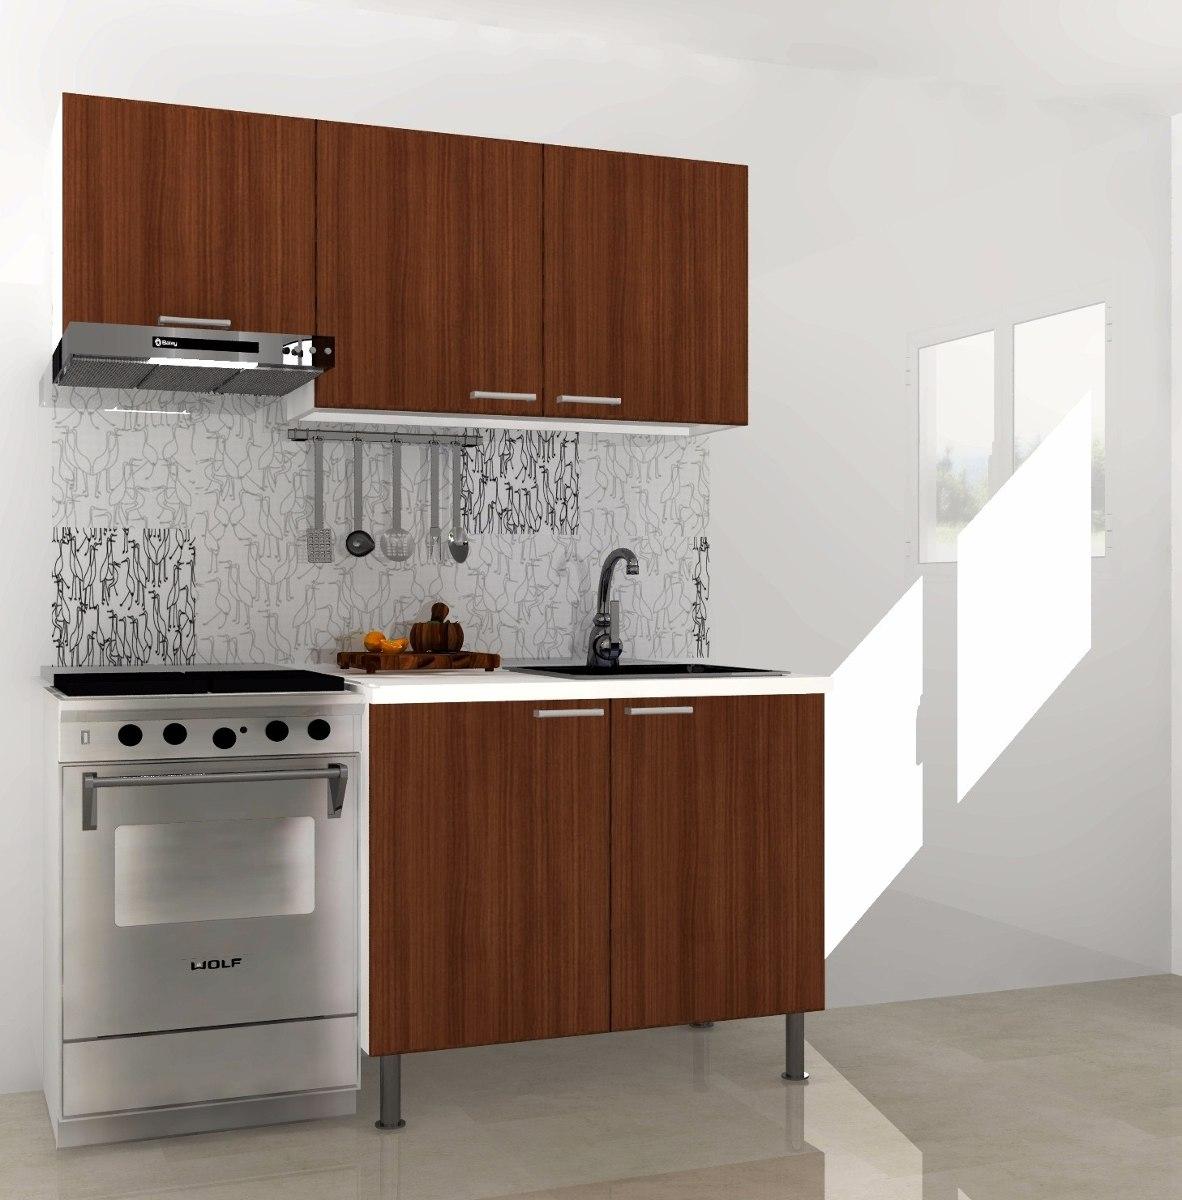 Muebles Para Cocina, Linea Económica, Gabinetes, Madera - Bs. 1.140 ...